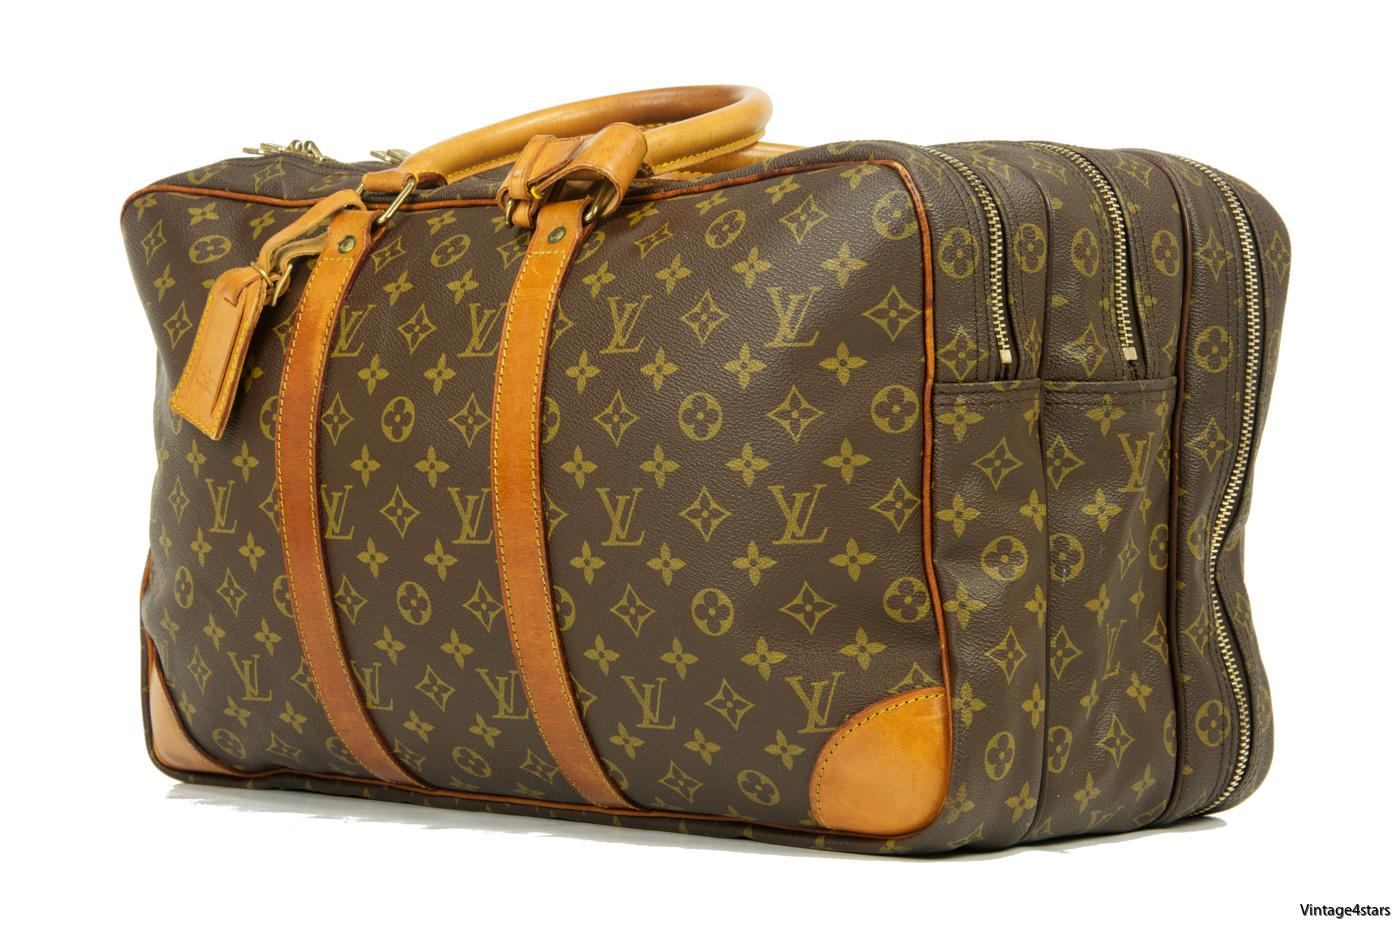 Louis Vuitton Sac 3 Poches 6